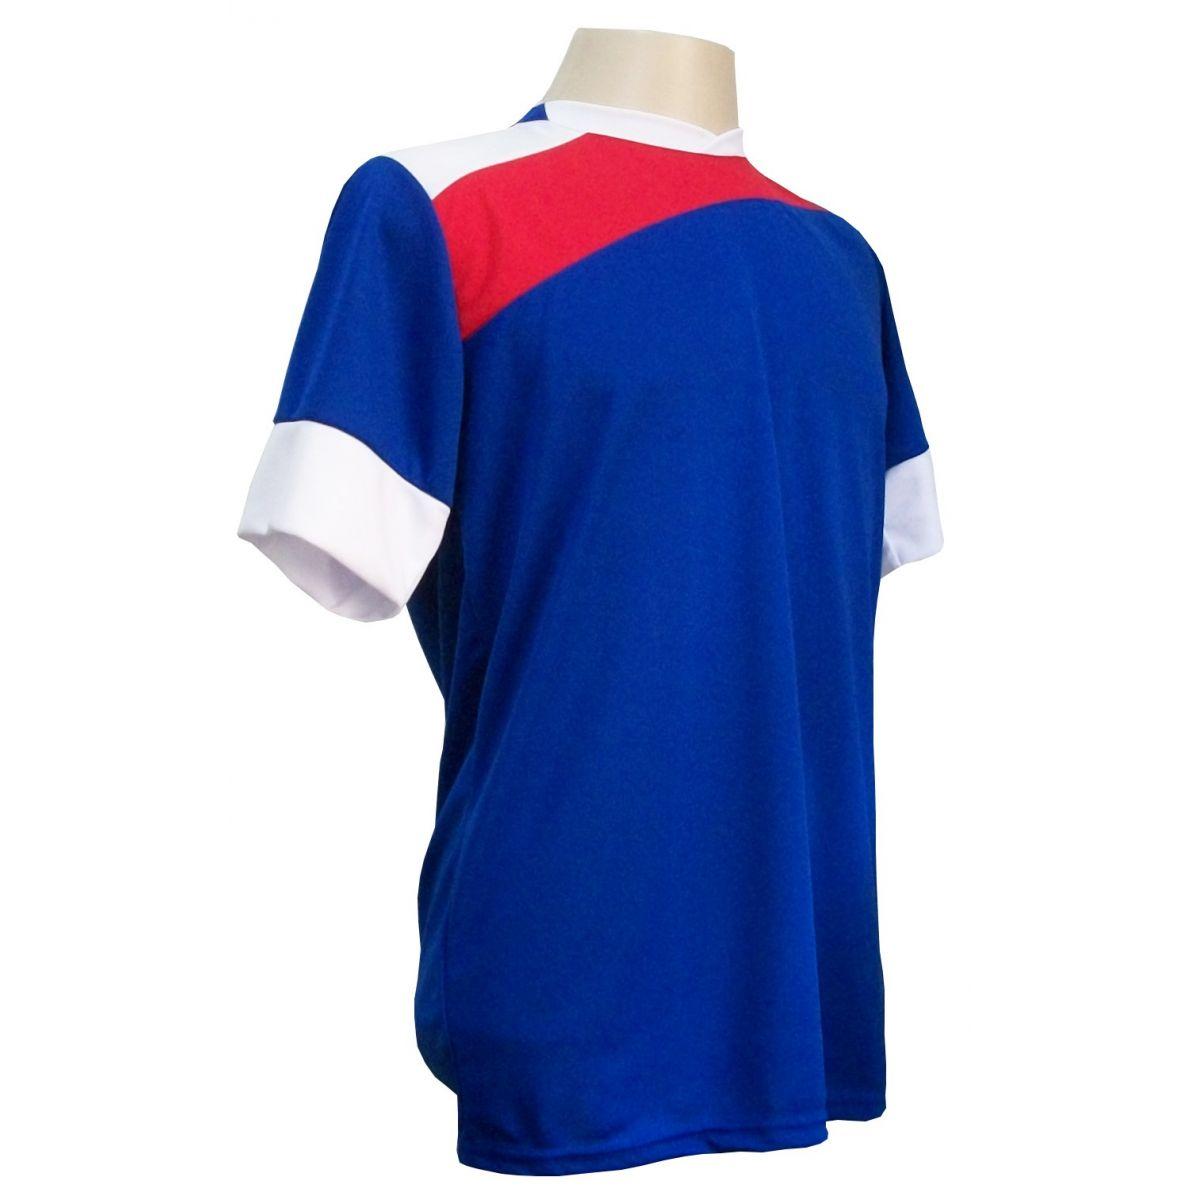 Uniforme Esportivo com 14 camisas modelo Sporting Royal/Vermelho/Branco + 14 calções modelo Madrid Vermelho + Brindes